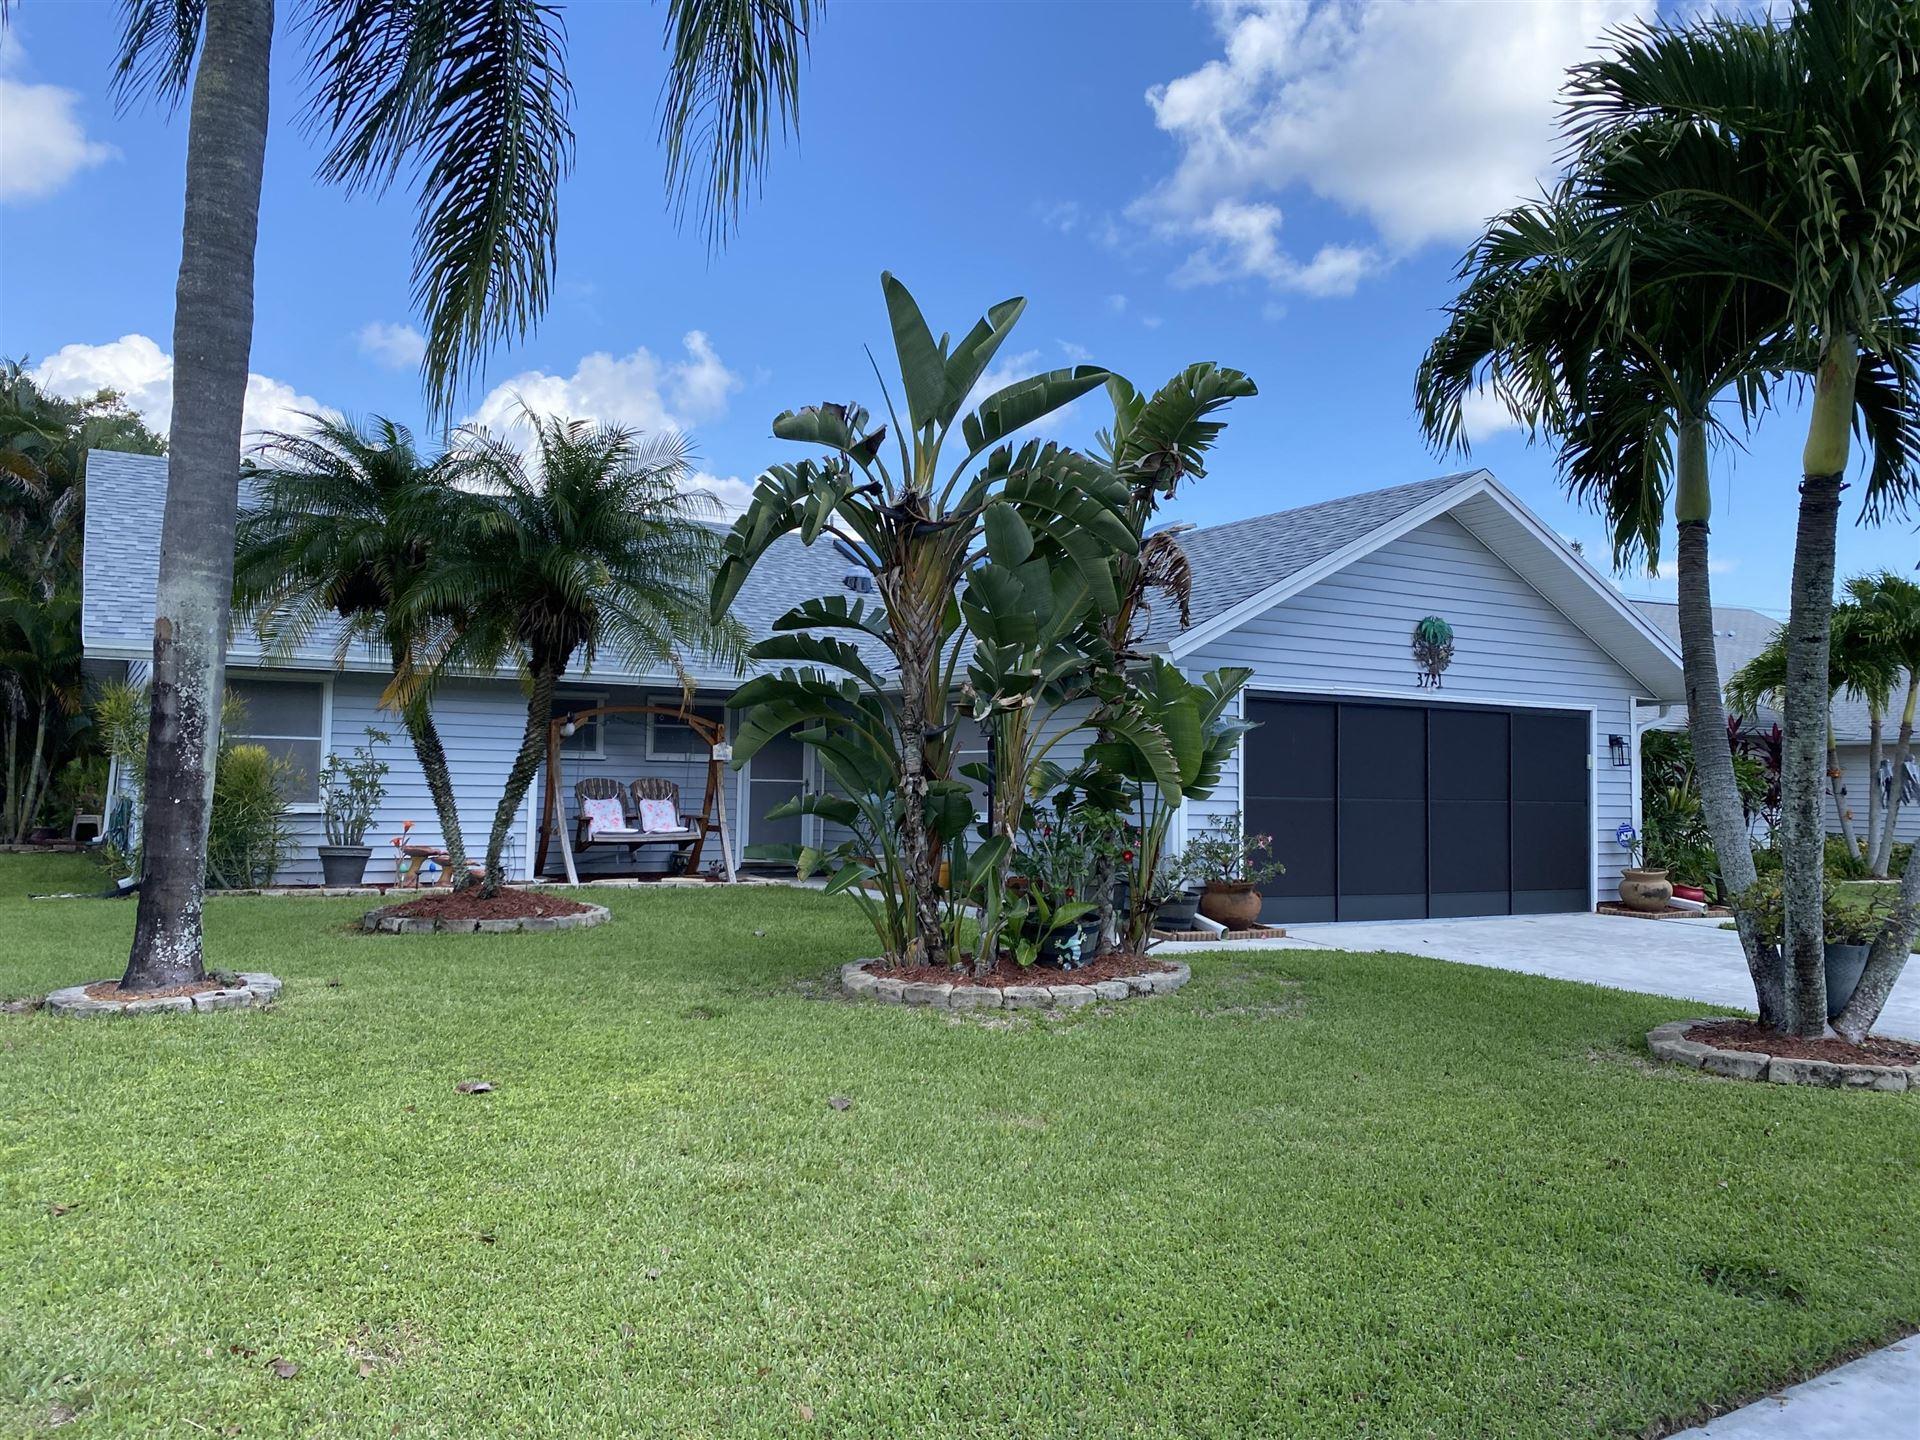 Photo of 3781 SE Canvas Back Place, Stuart, FL 34997 (MLS # RX-10665509)